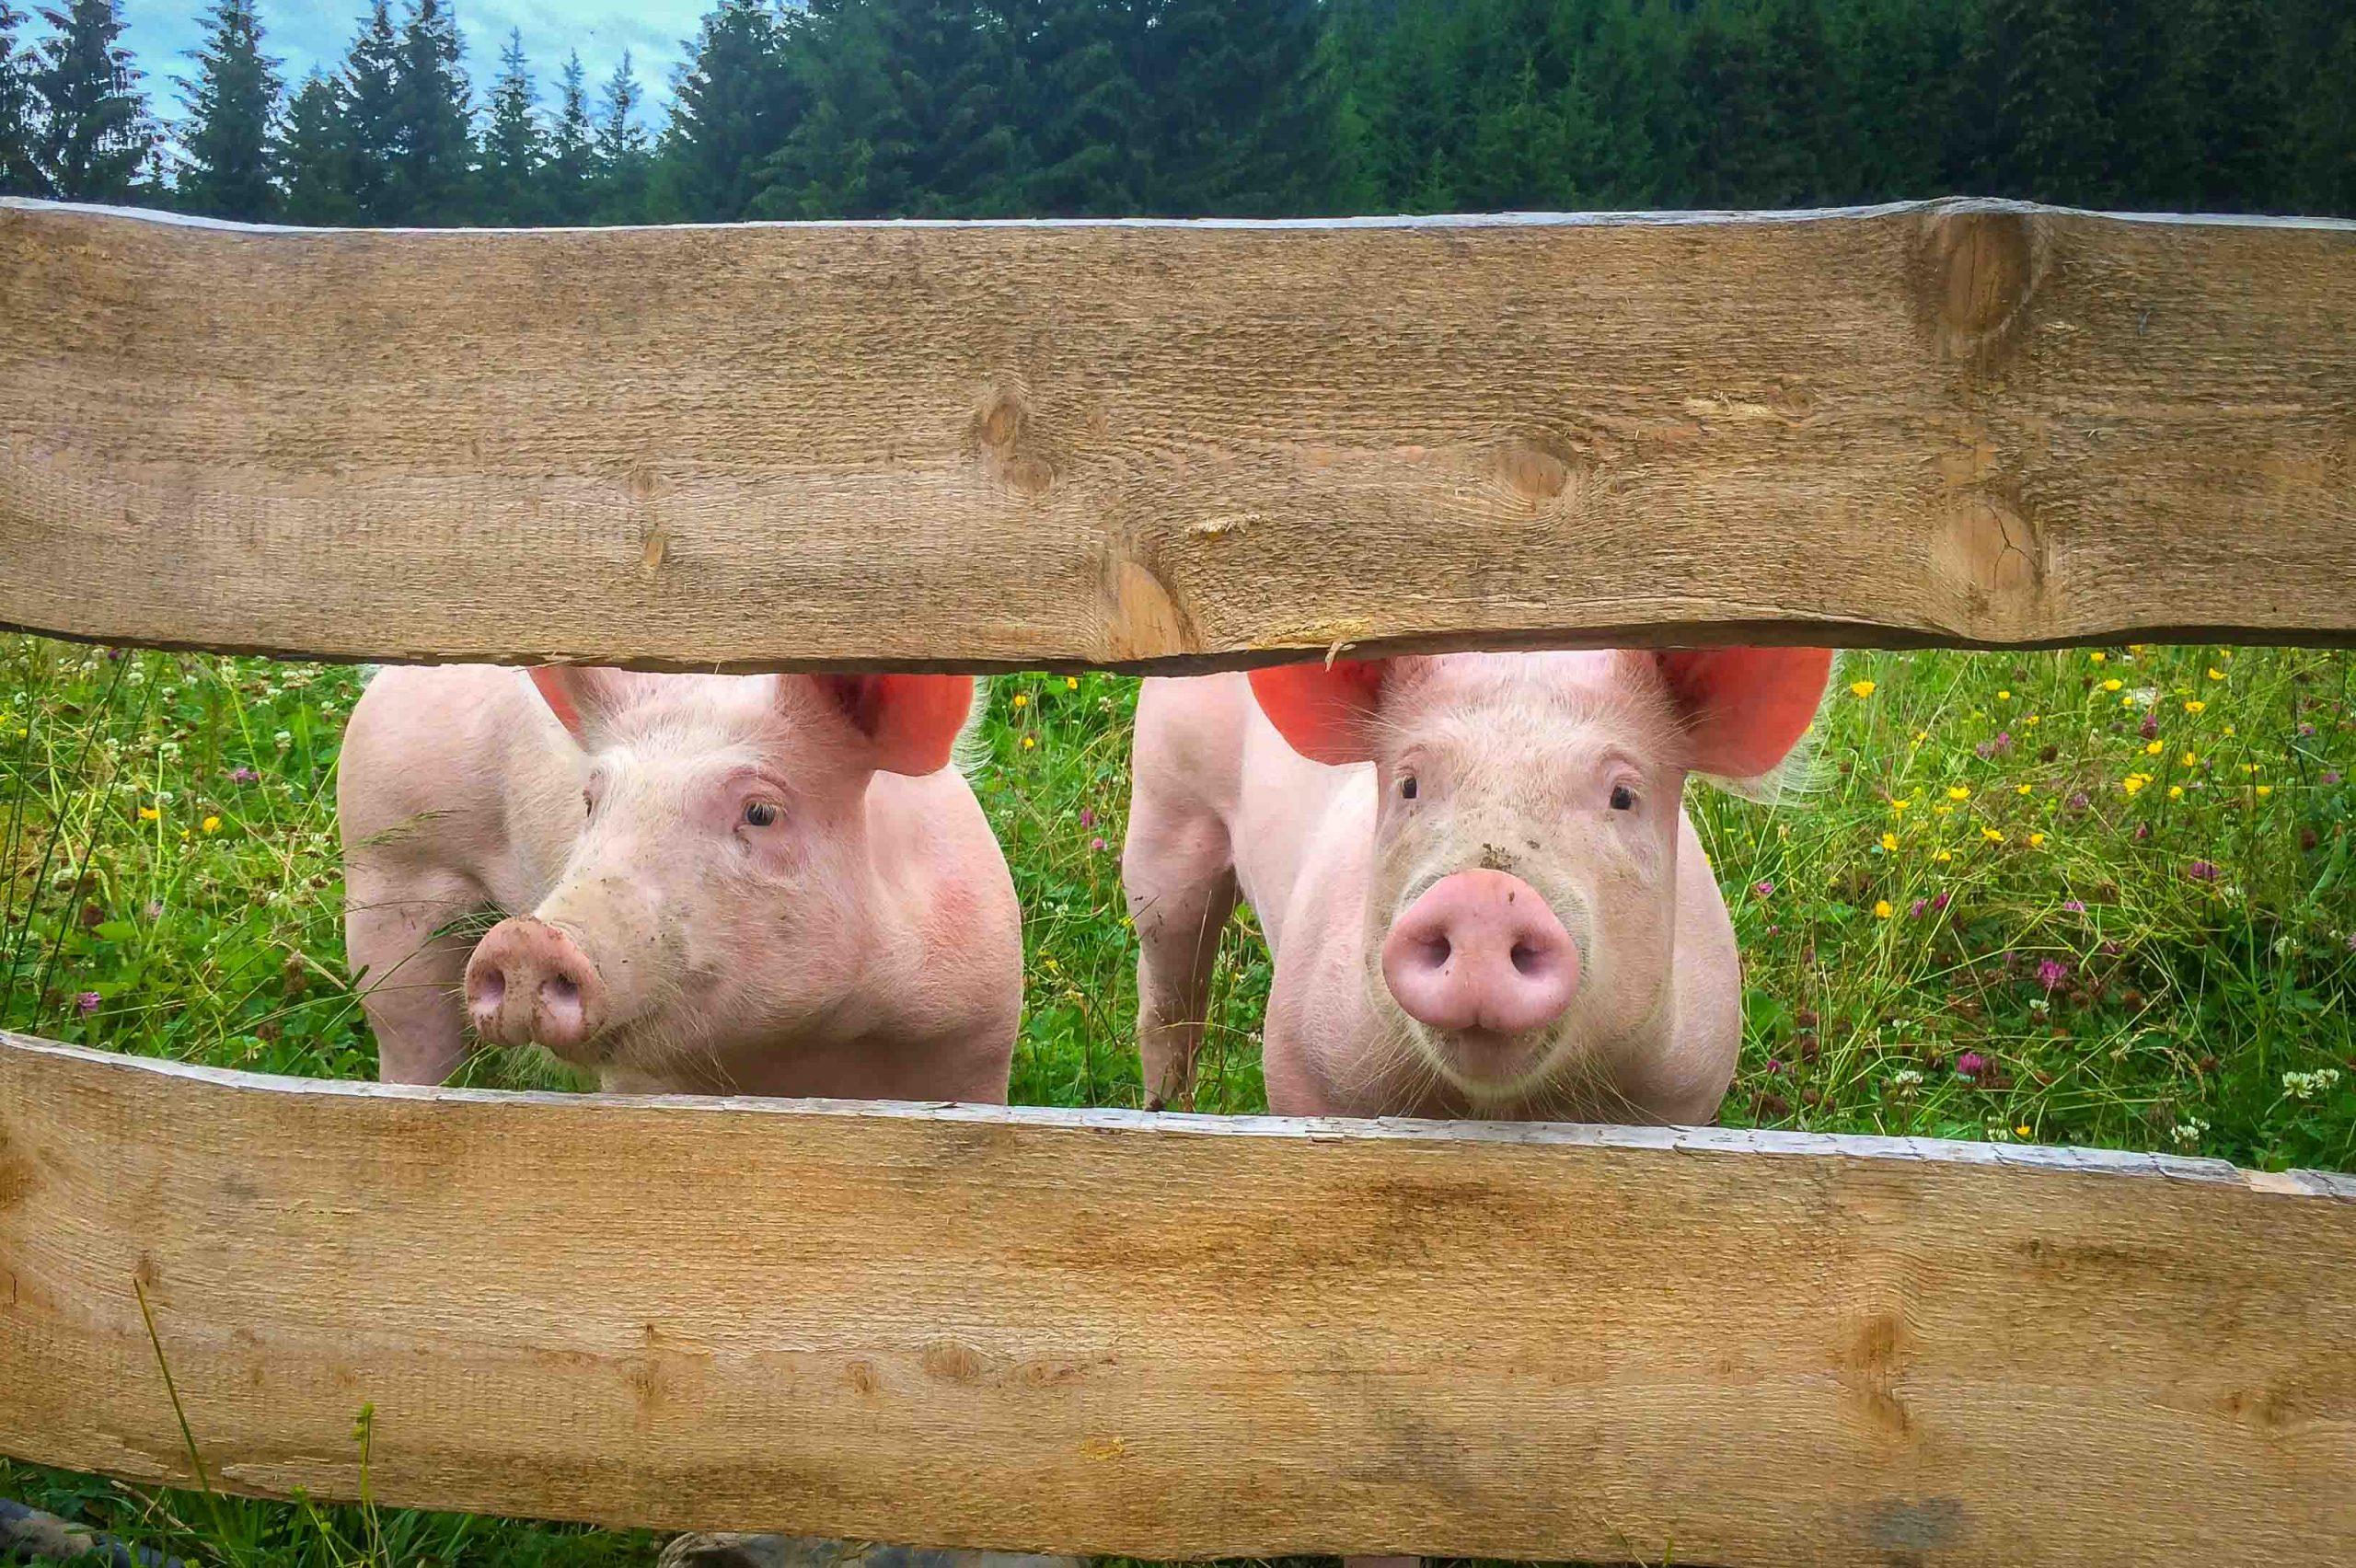 """Unseren """"Glücksschweinen"""" gefällts bei uns saugut! Kein Wunder, Freilandauslauf mit Bergblick sprechen für sich."""